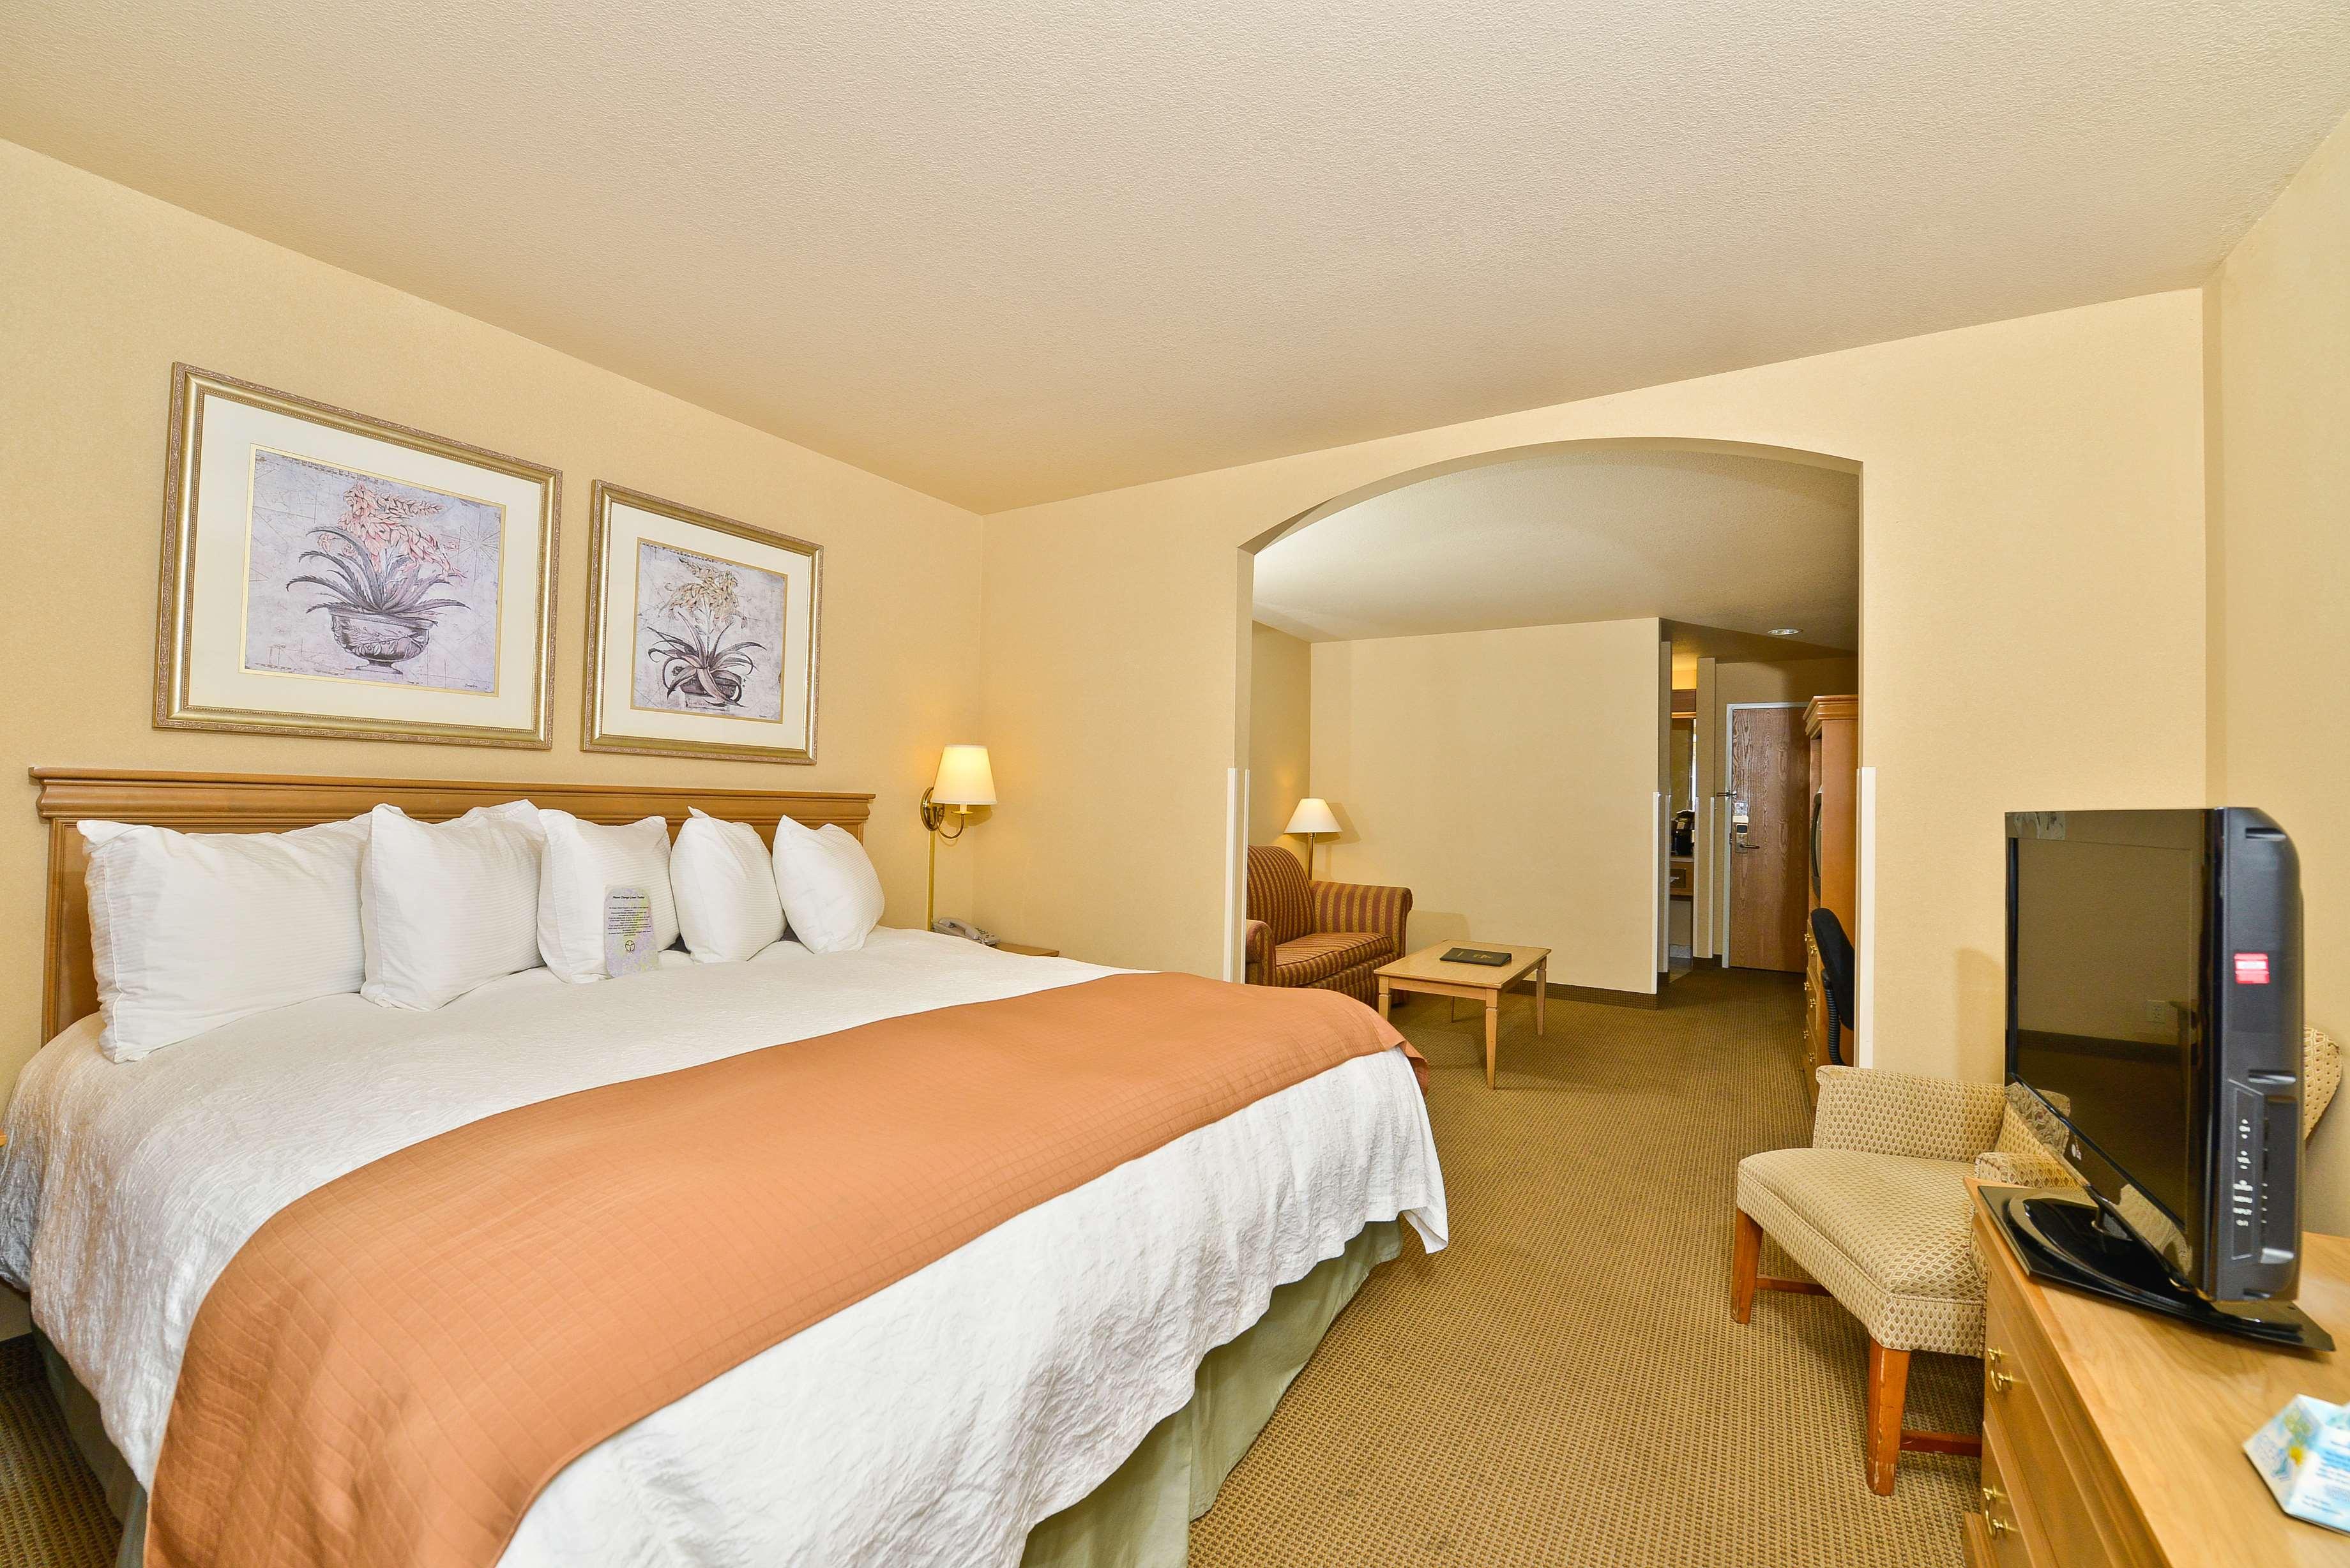 Best Western Plus Caldwell Inn & Suites image 23